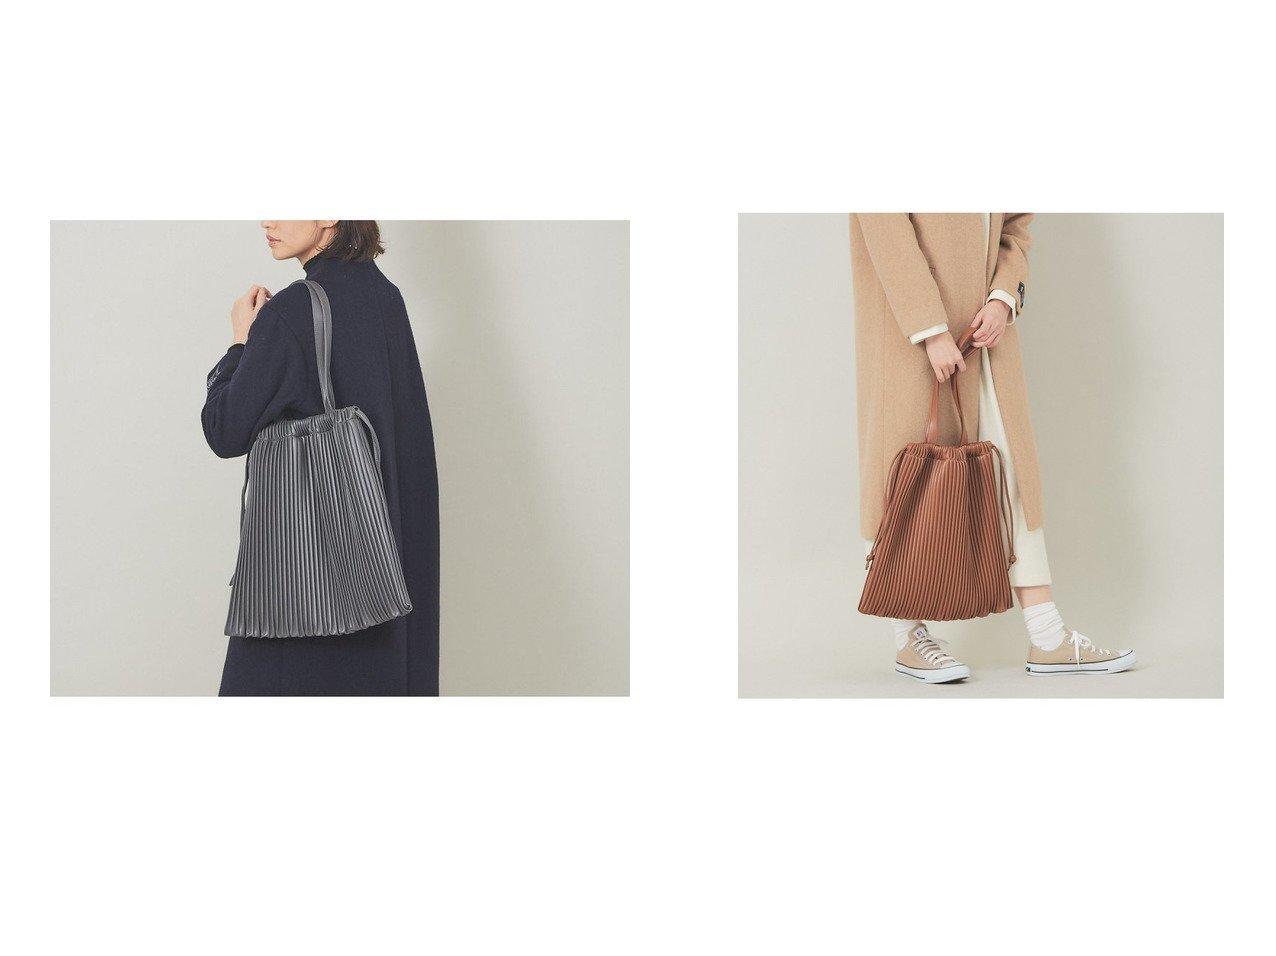 【collex/コレックス】のフェイクレザープリーツ巾着バッグ 【バッグ・鞄】おすすめ!人気、トレンド・レディースファッションの通販  | レディースファッション・服の通販 founy(ファニー)